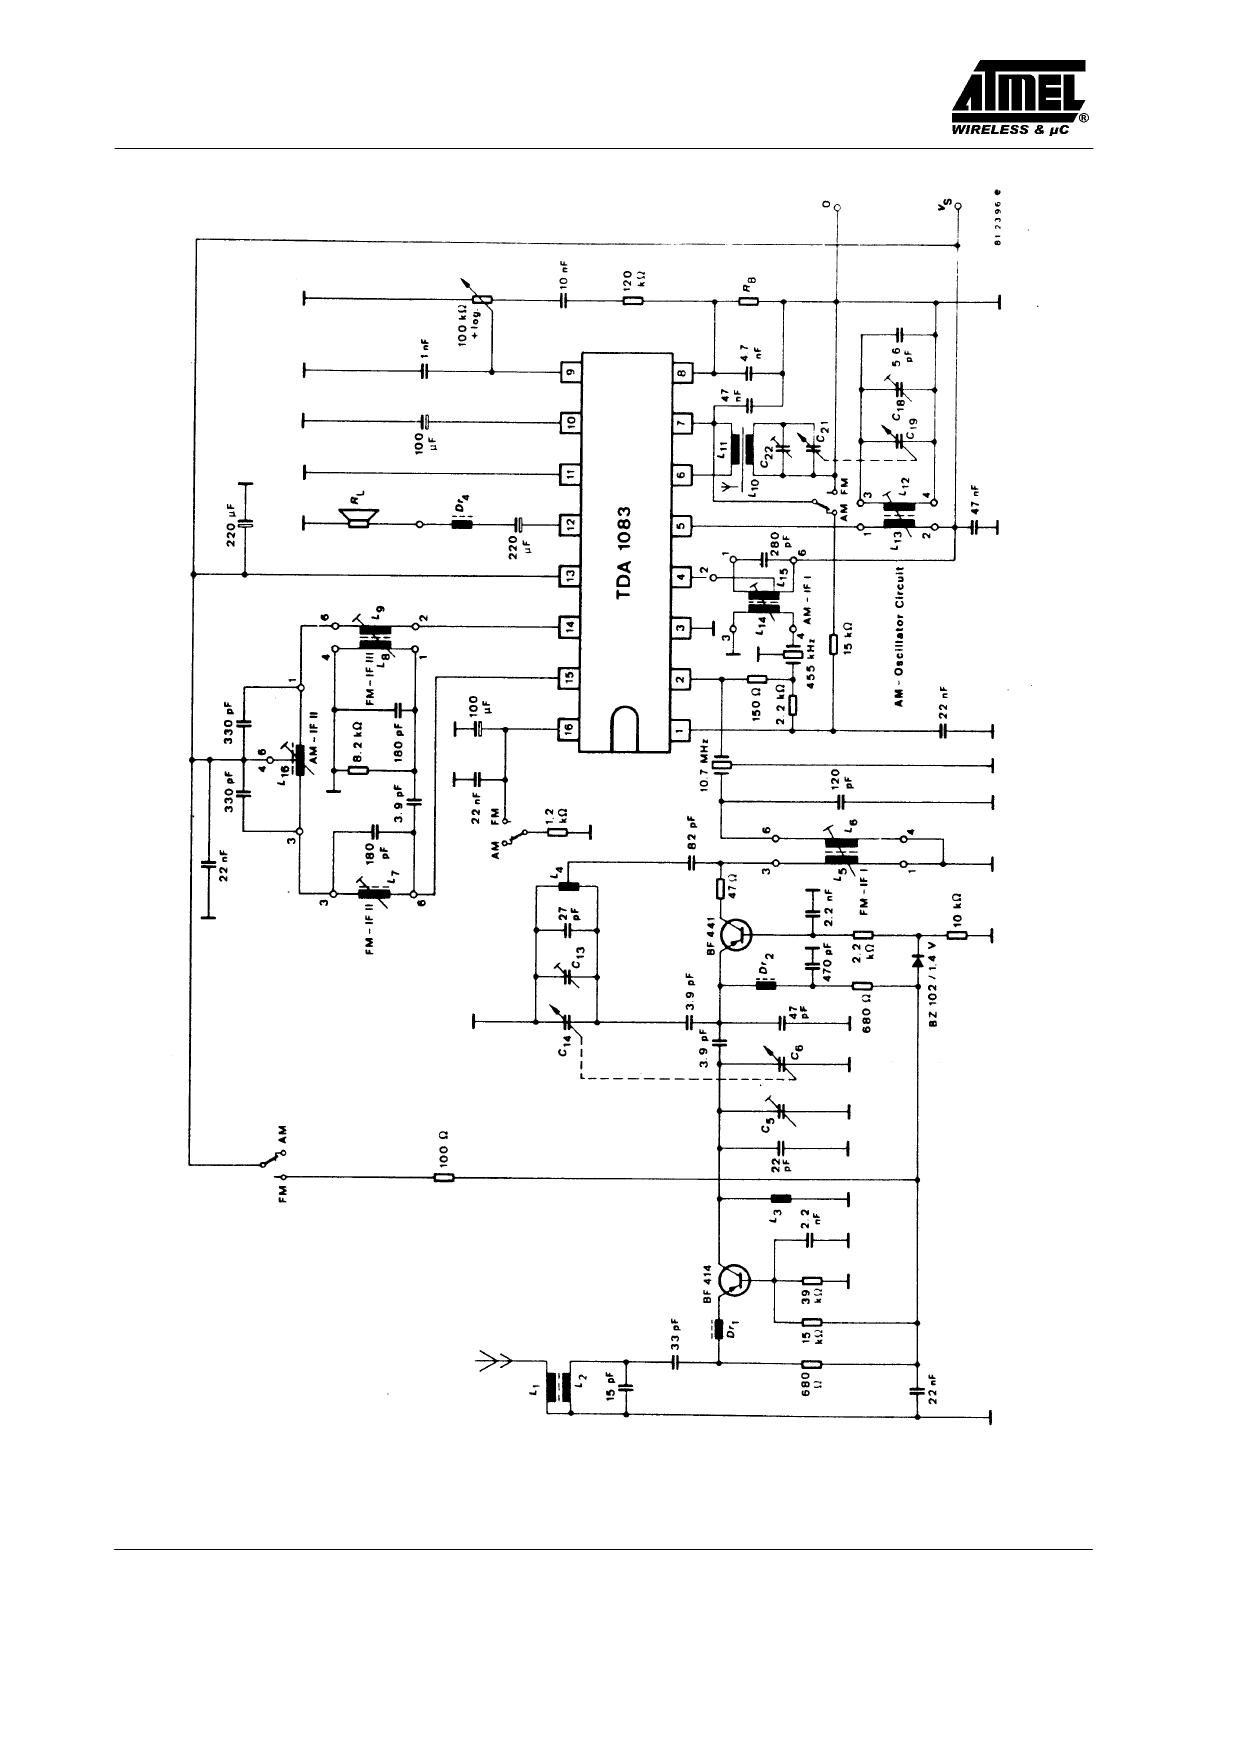 tda1083  u30c7 u30fc u30bf u30b7 u30fc u30c8 pdf  fm radio with audio power